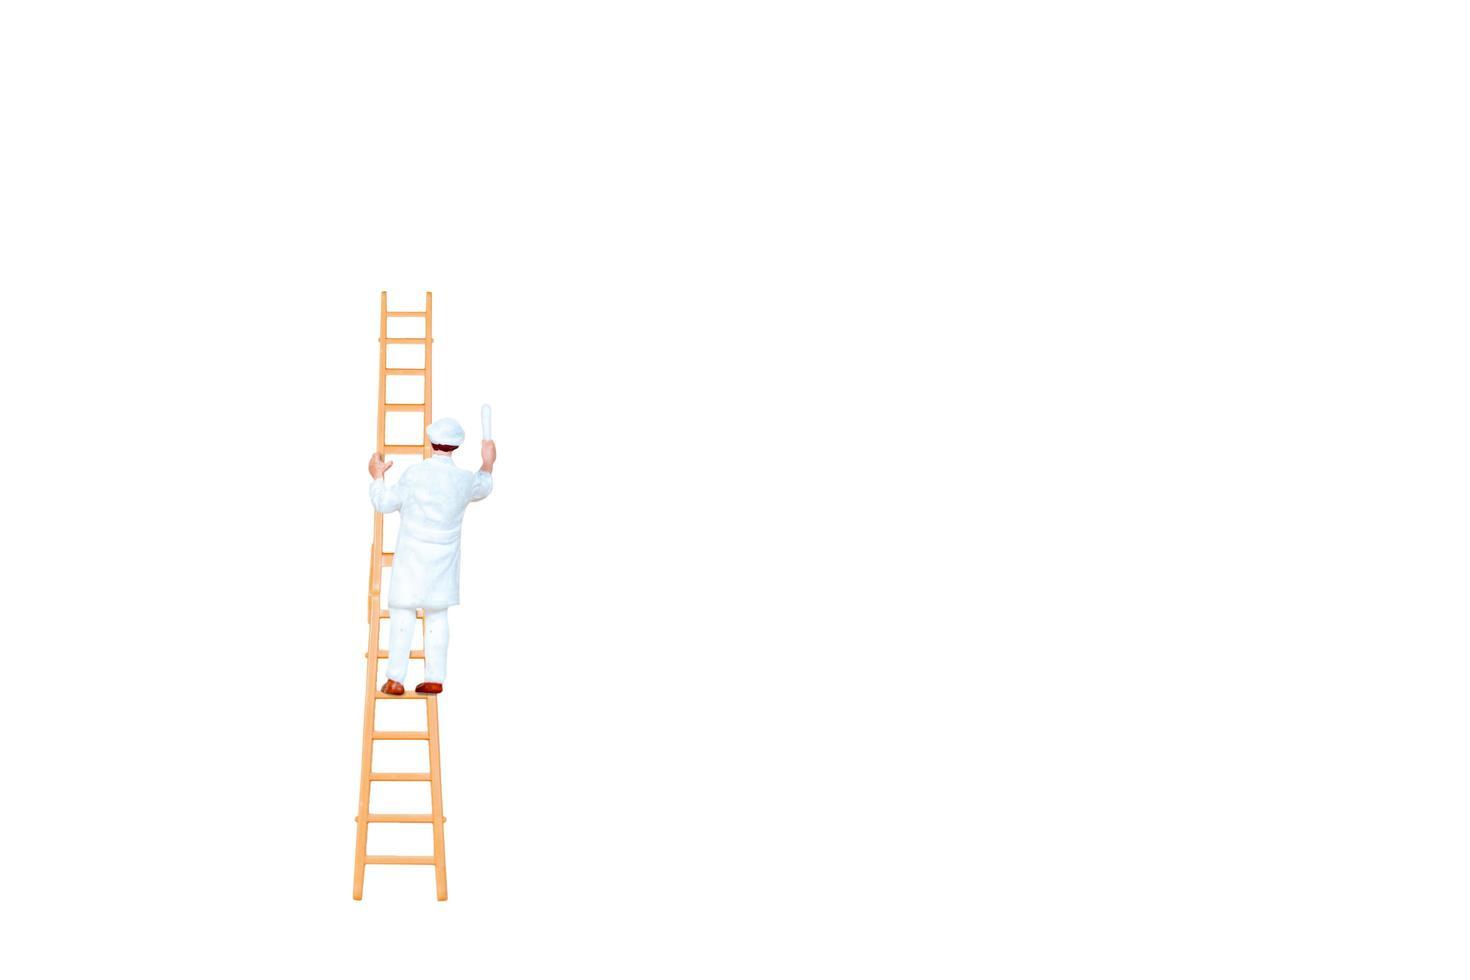 Personne miniature avec une échelle tenant un pinceau devant un fond de mur blanc photo